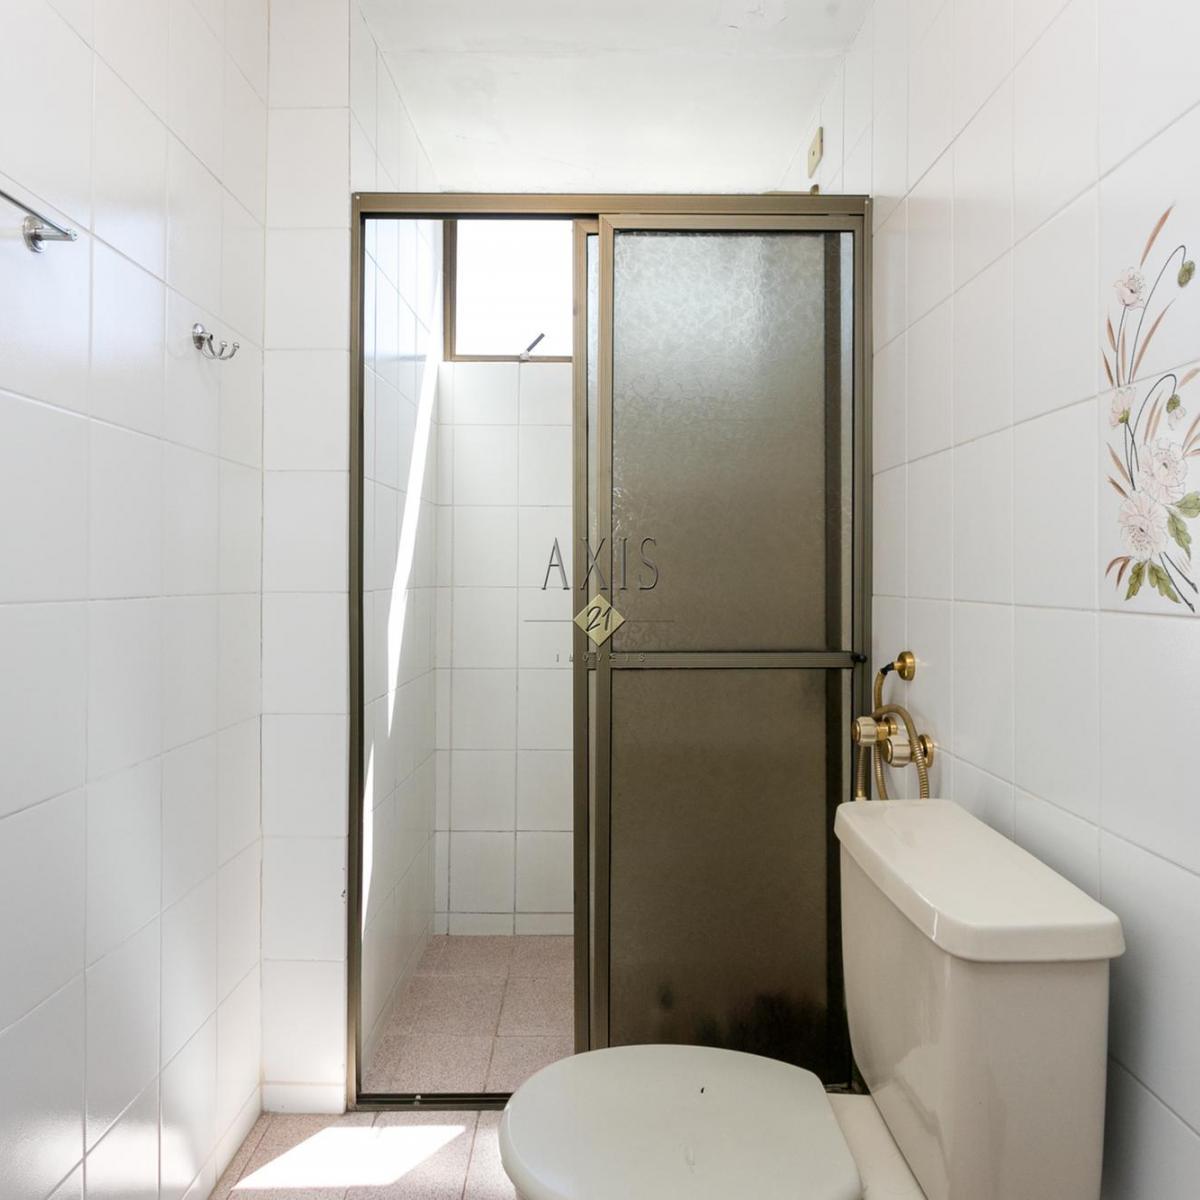 Imagens de #3E3626 Apartamento à venda com 3 Quartos Água Verde Curitiba R$ 498.000  1200x1200 px 3026 Box Banheiro Curitiba Agua Verde